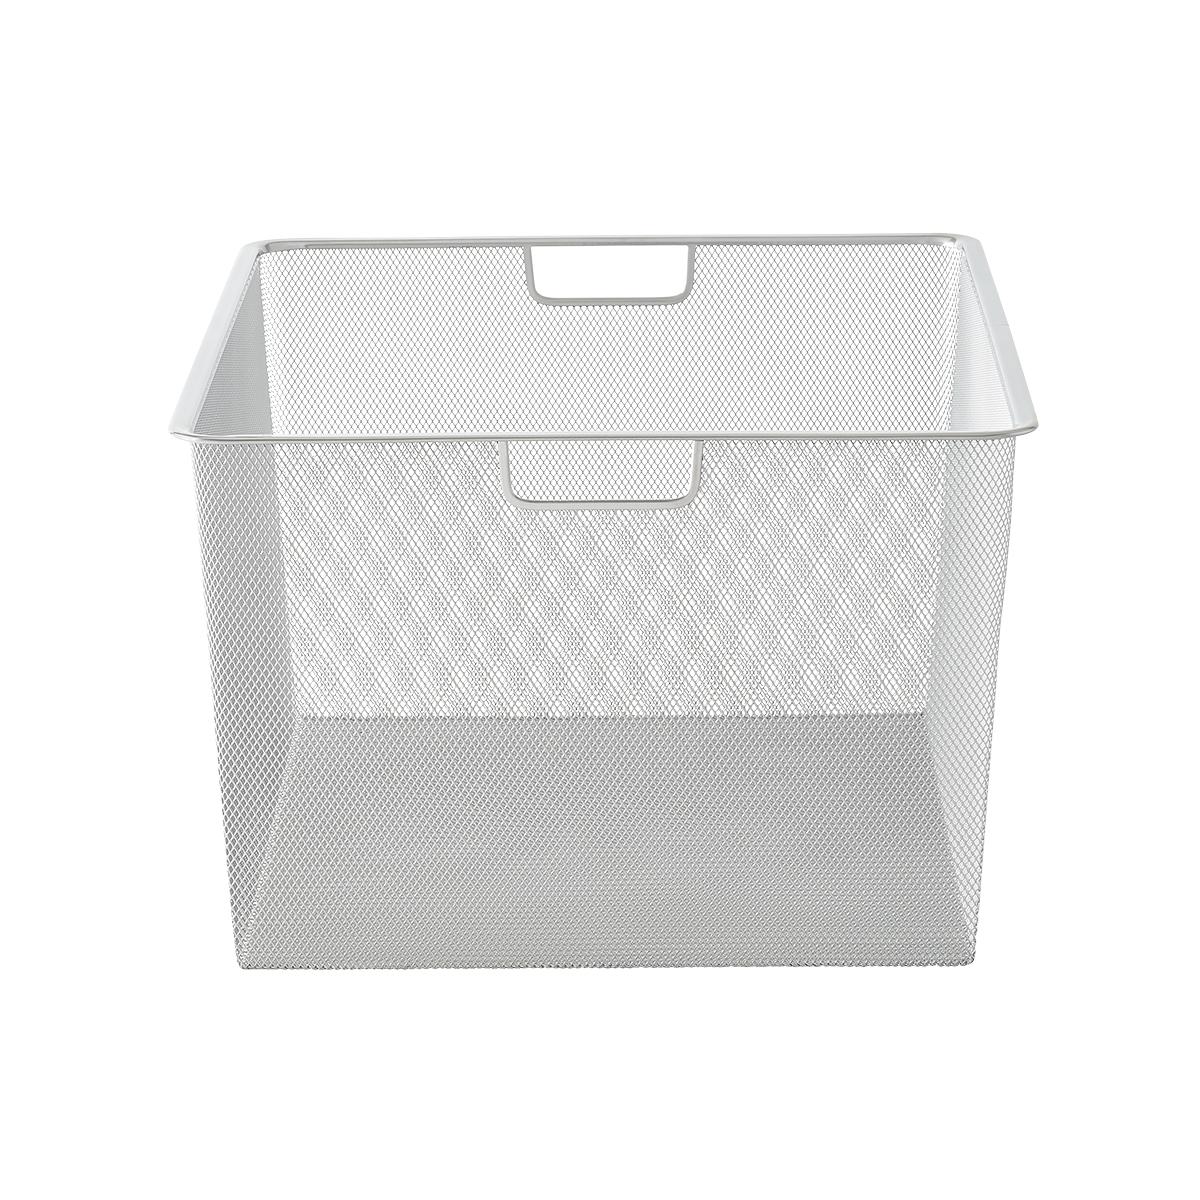 Platinum Elfa Mesh Dresser Easy To Assemble Dresser7